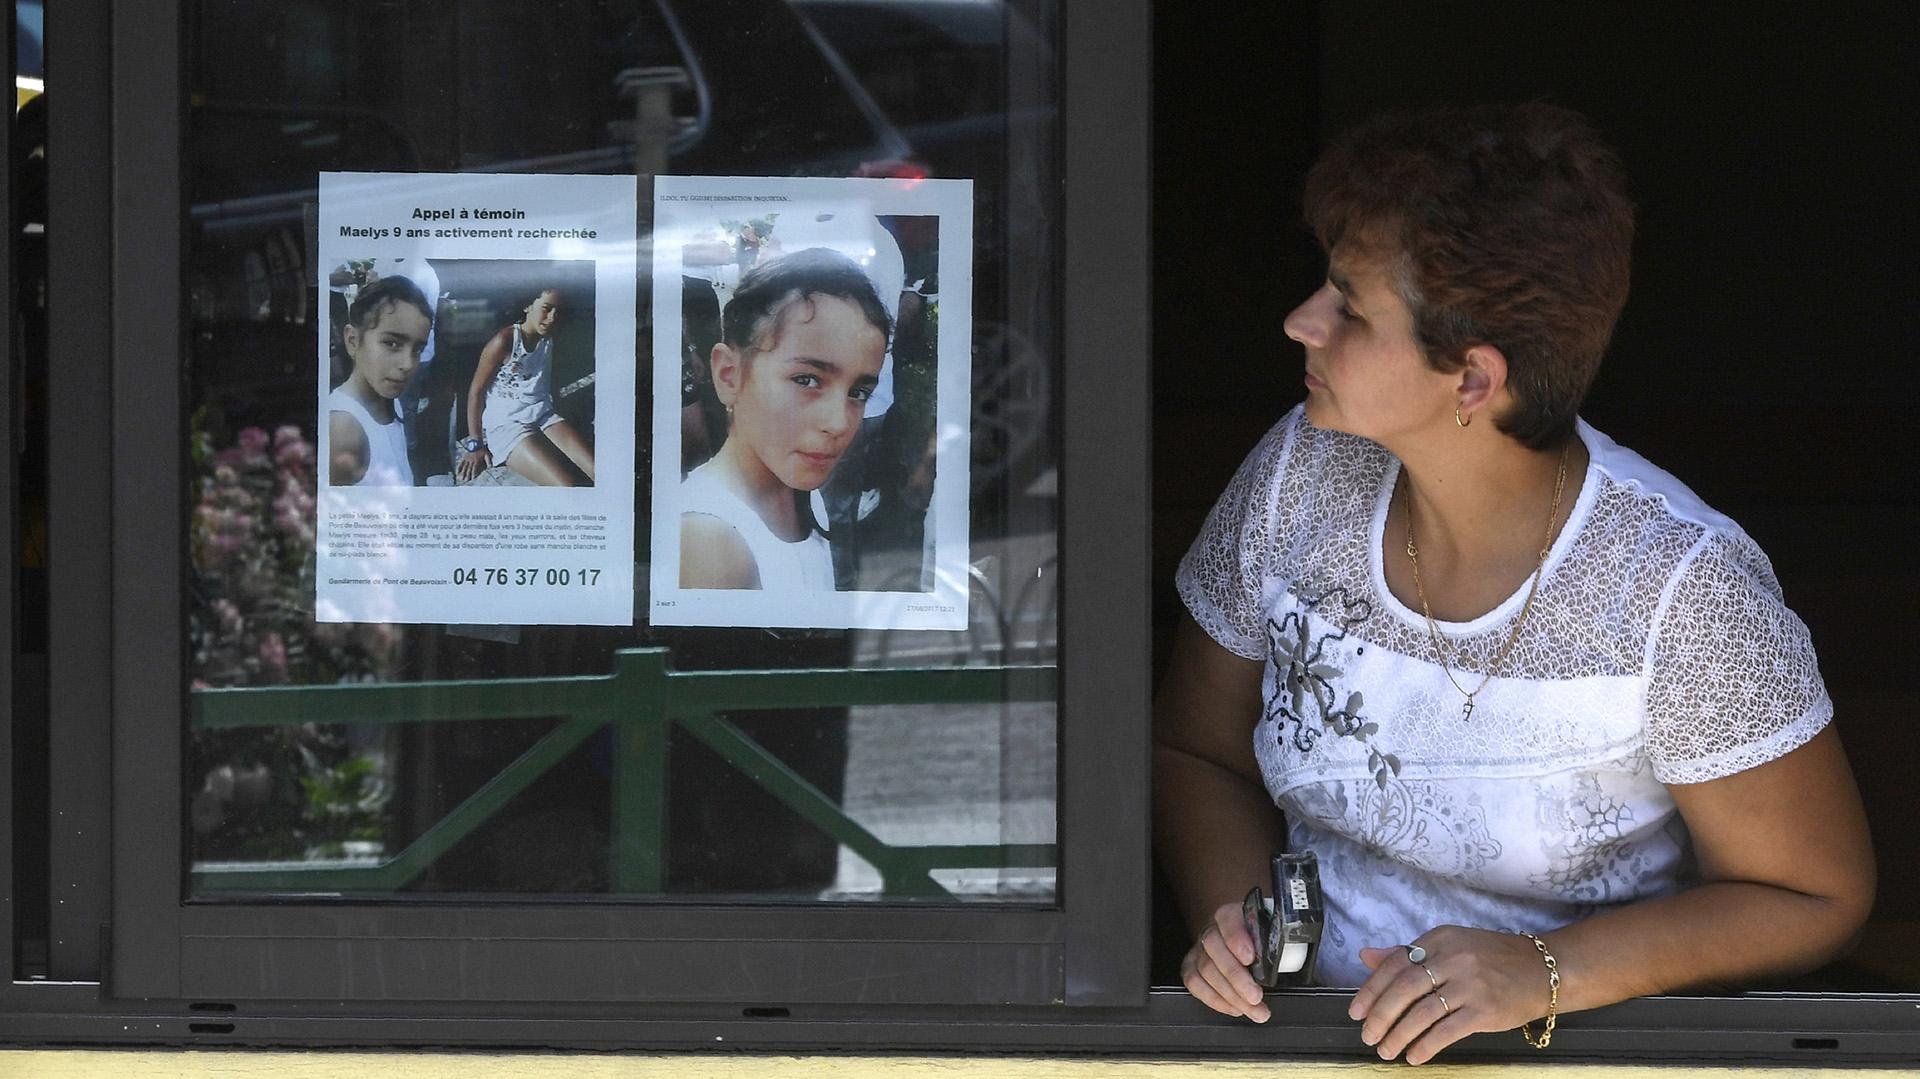 Maelys de Araujo estaba desaparecida desde agosto (AFP PHOTO / PHILIPPE DESMAZES)